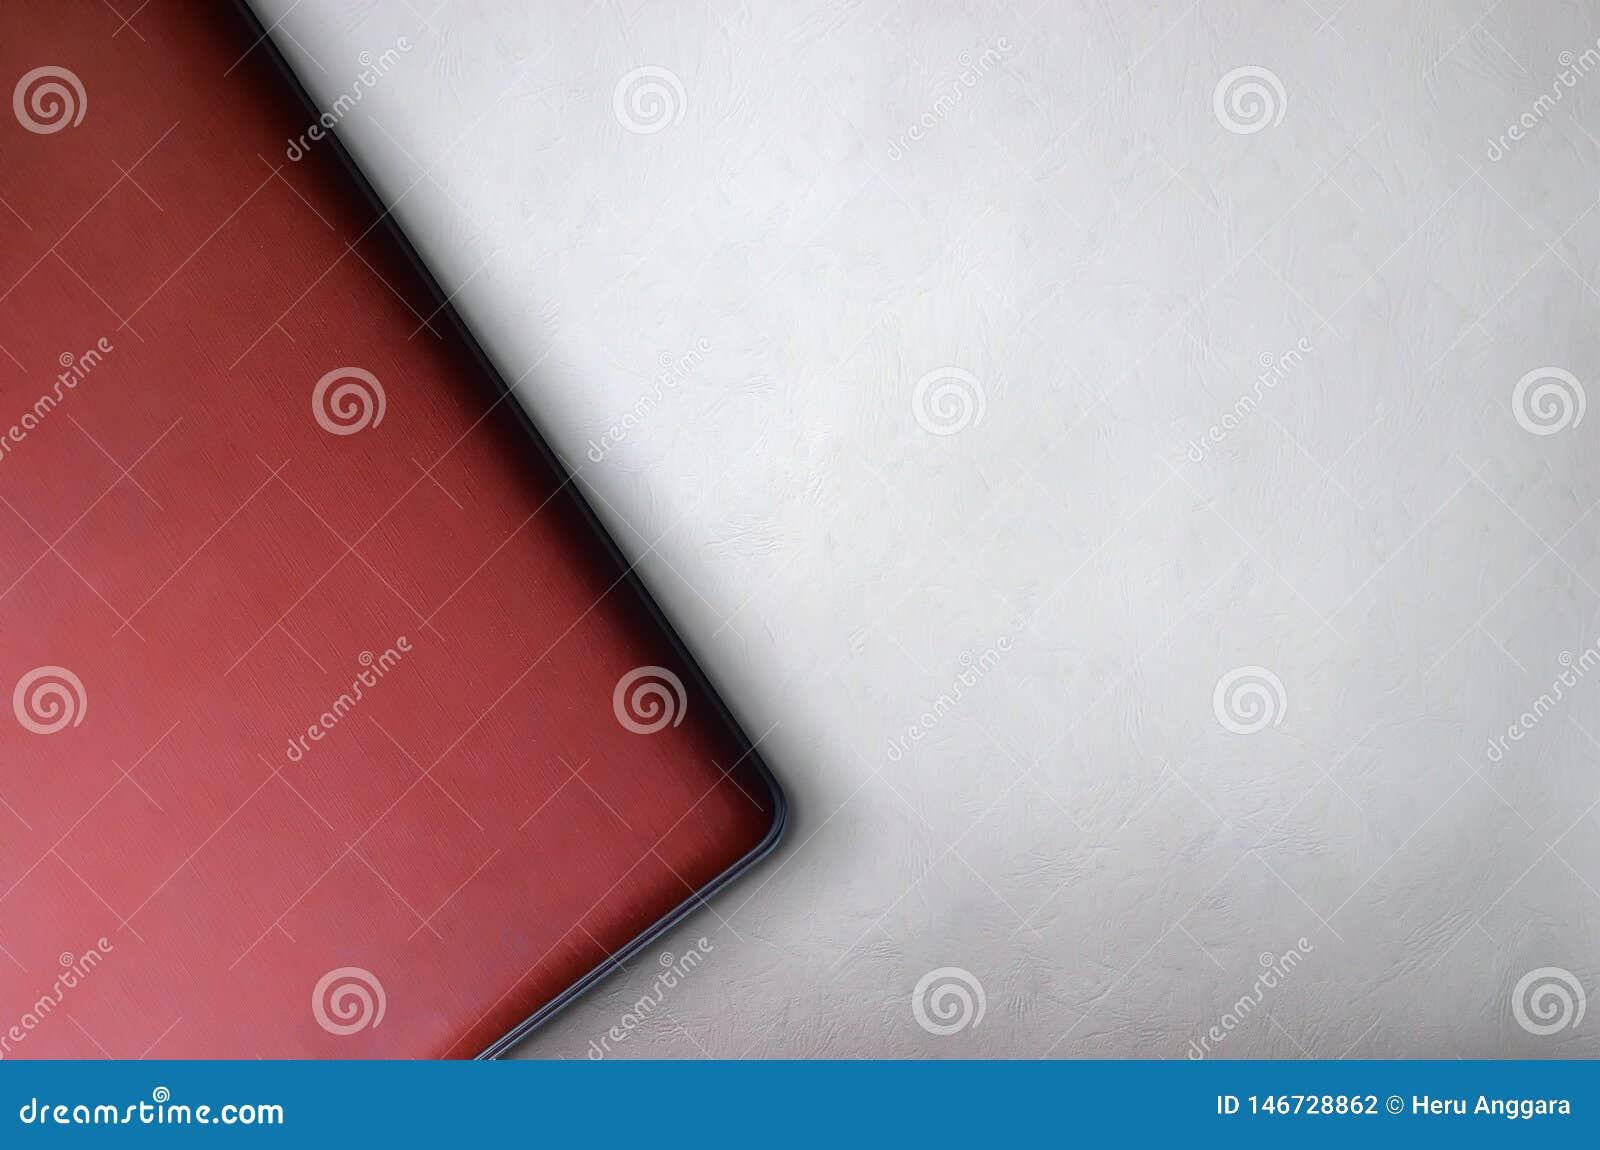 Vista superior del mejor fondo del ordenador portátil rojo para la plantilla de la presentación